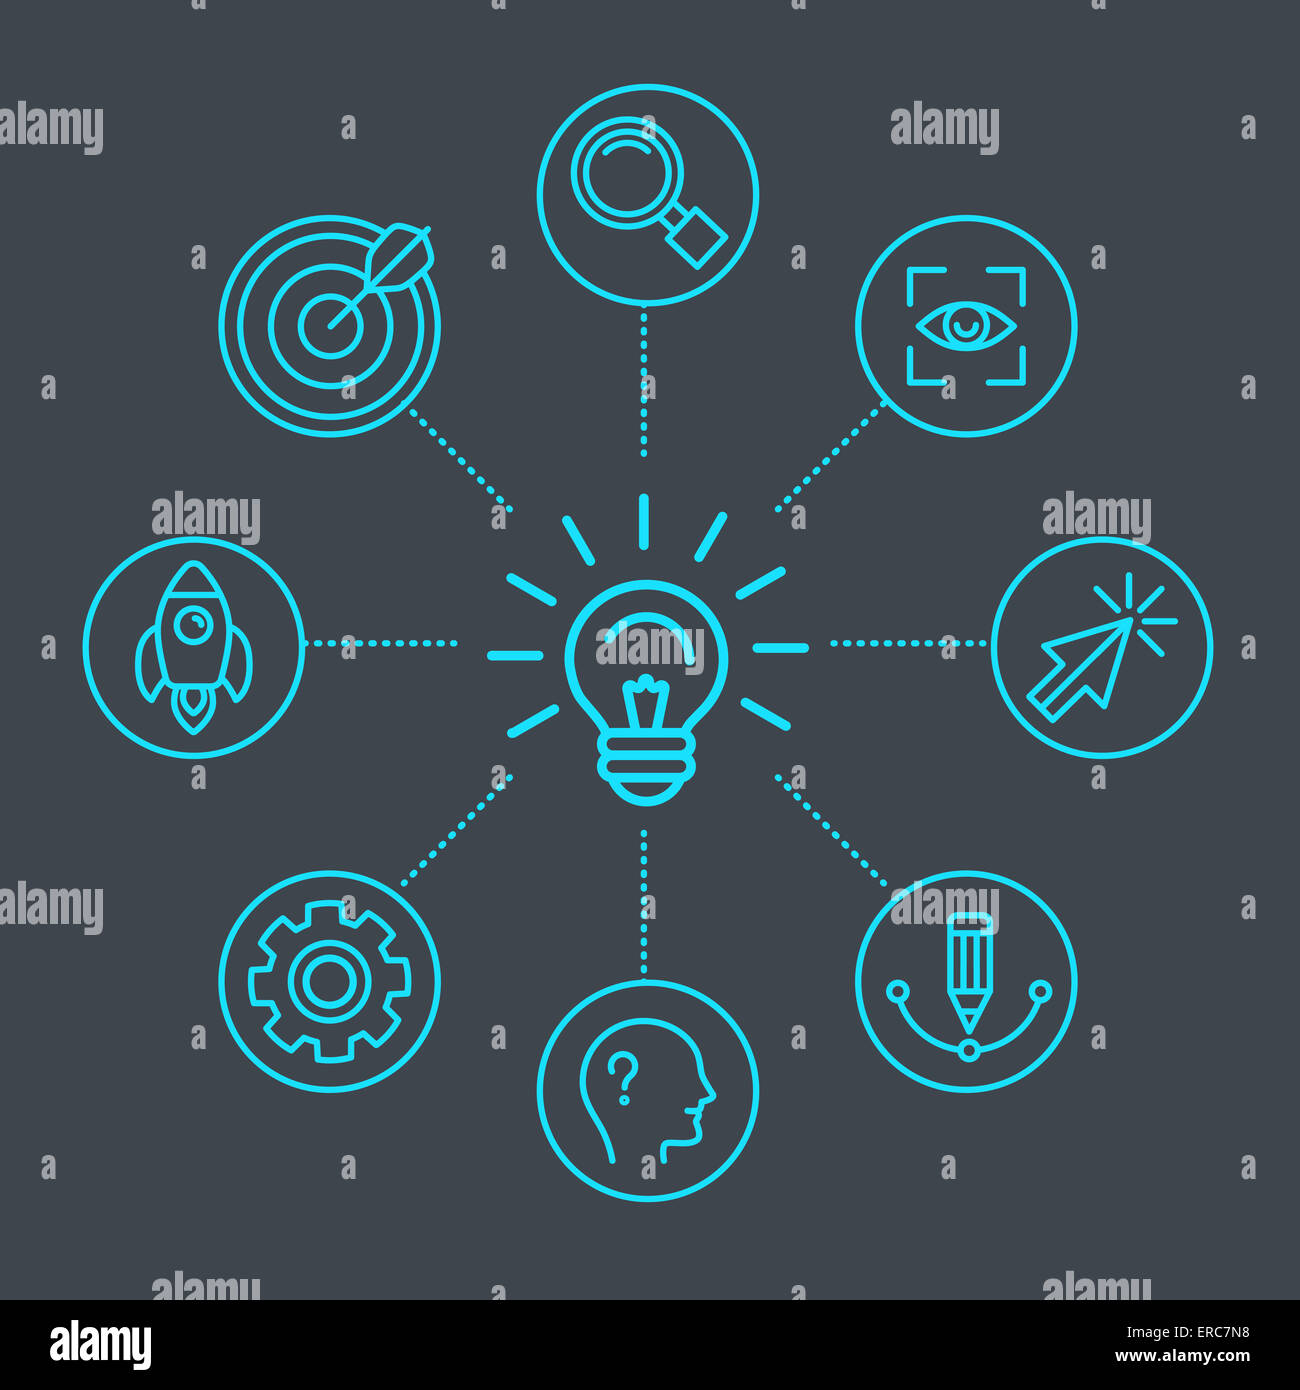 Concepto innovación en estilo lineal - bombilla y infgraphics iconos y elementos de diseño Imagen De Stock